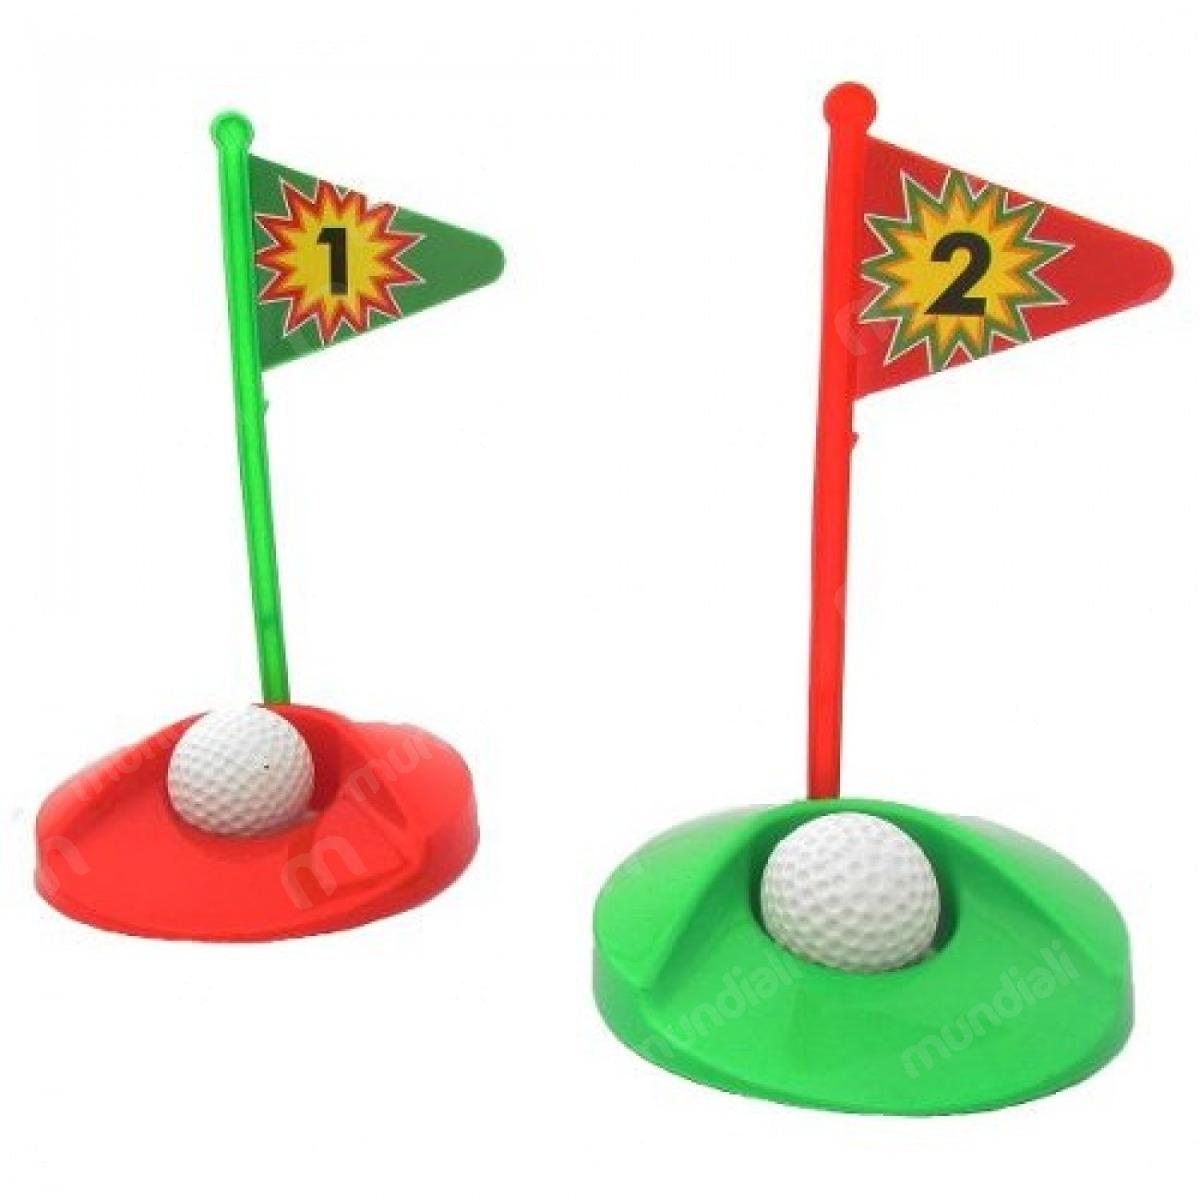 03d2c3c313 jogo golfe infantil c carrinho 3 tacos 4 bolinhas 2 caçapa. Carregando zoom.